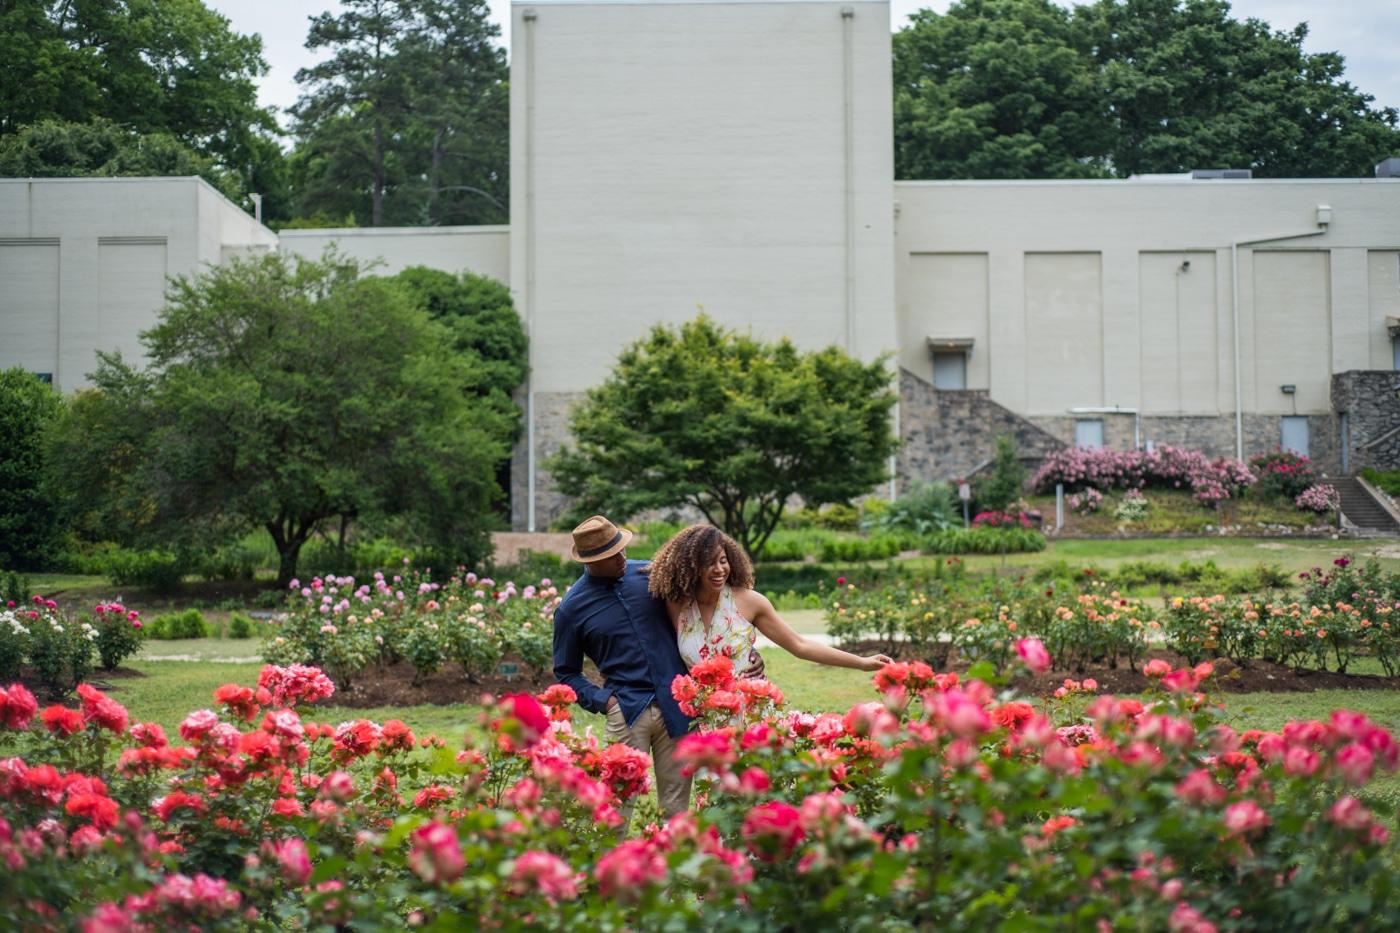 couple walks through Raleigh Rose Garden together